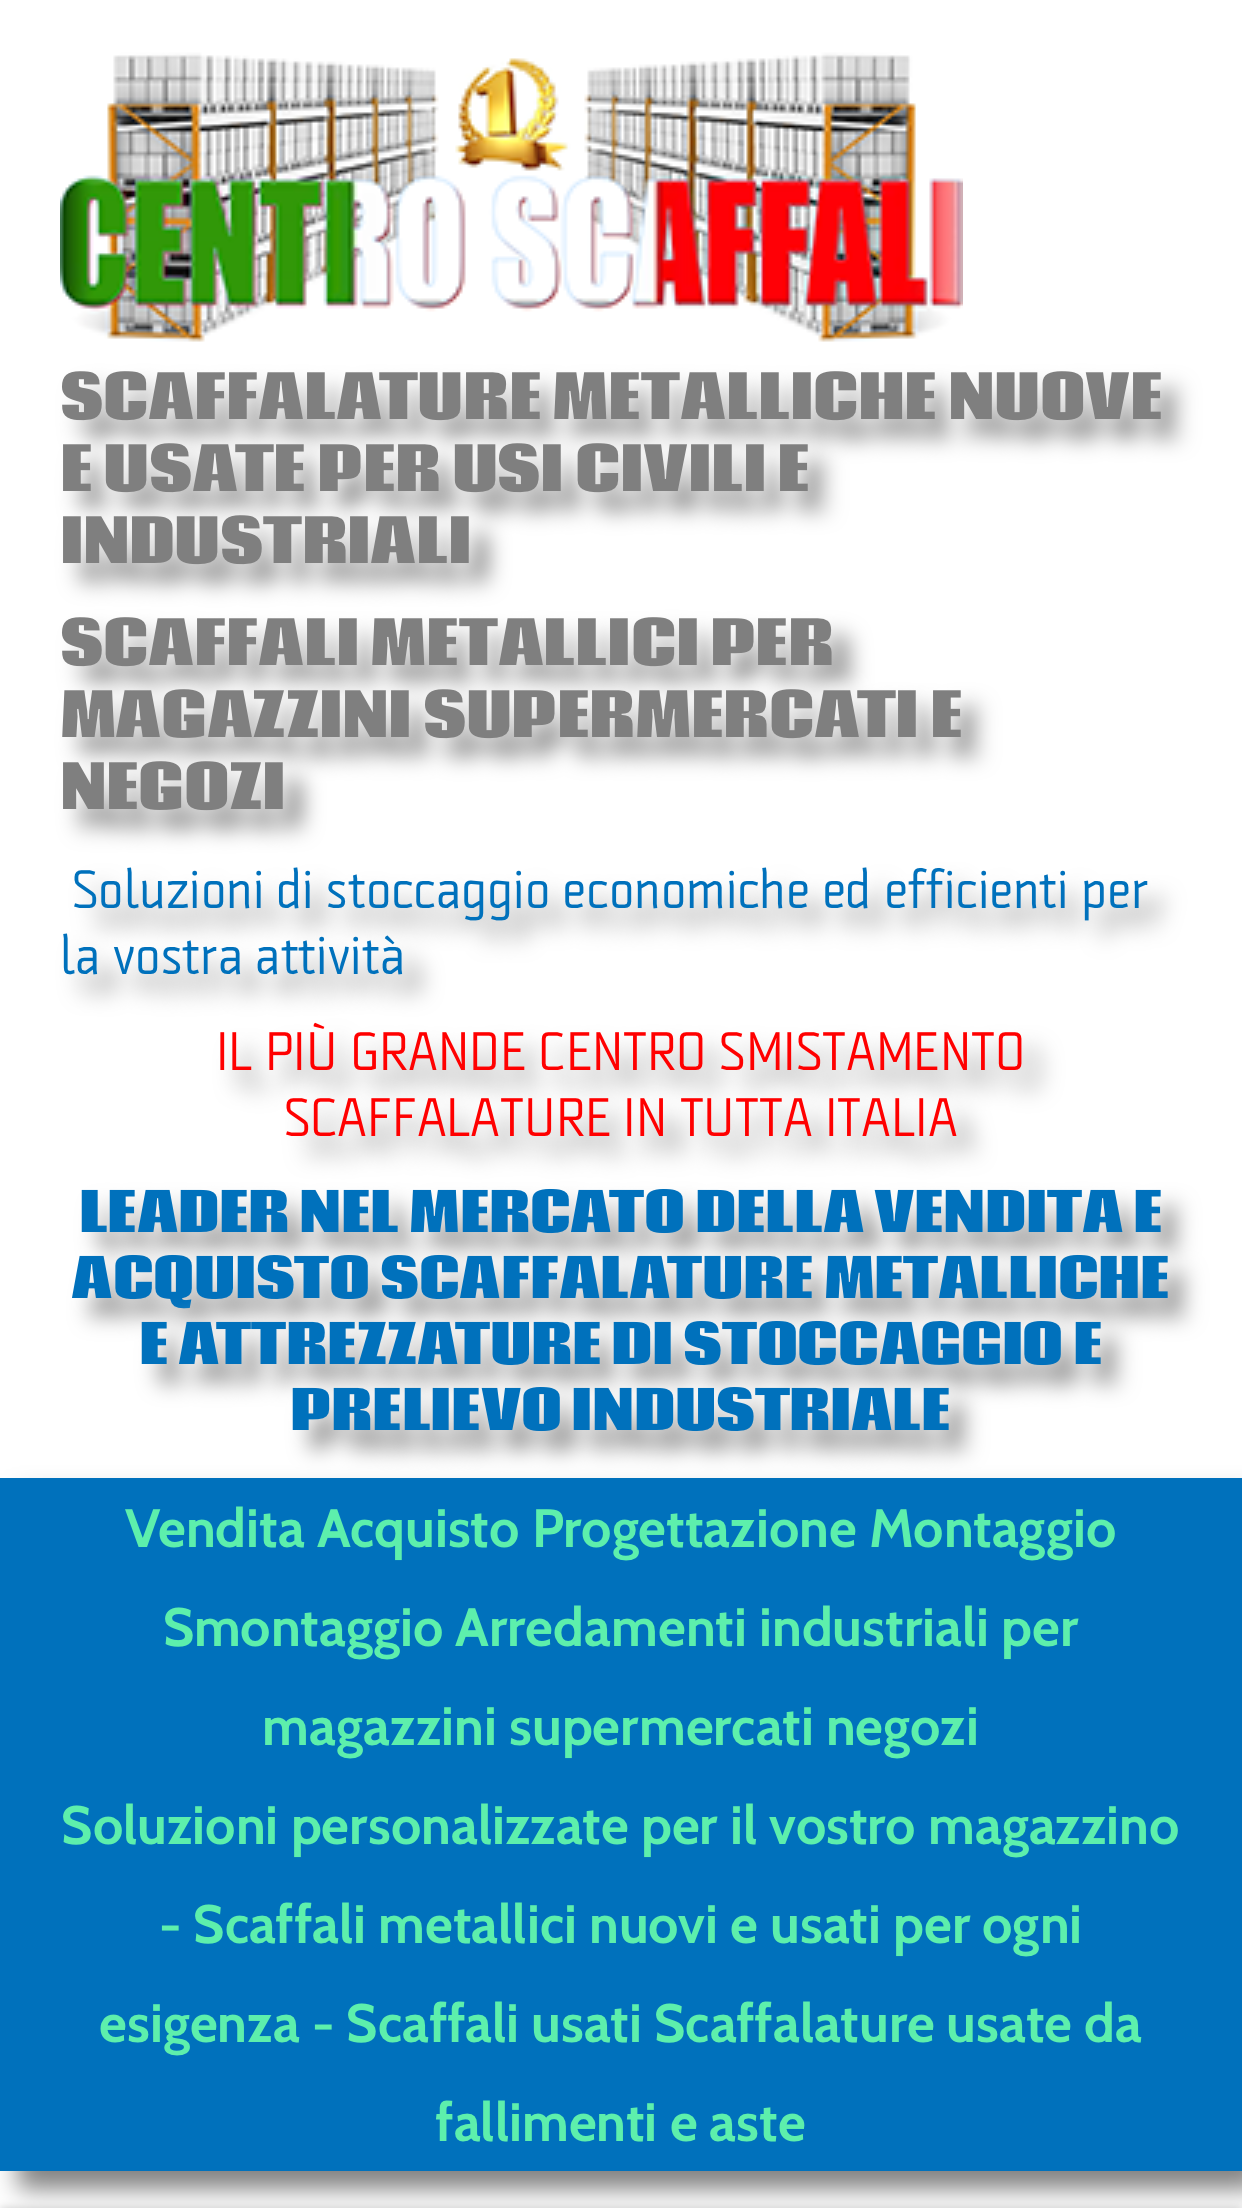 Vendita Attrezzature Supermercato Usate.Scaffali Magazzino Usati Scaffalature Metalliche Usate Aziende